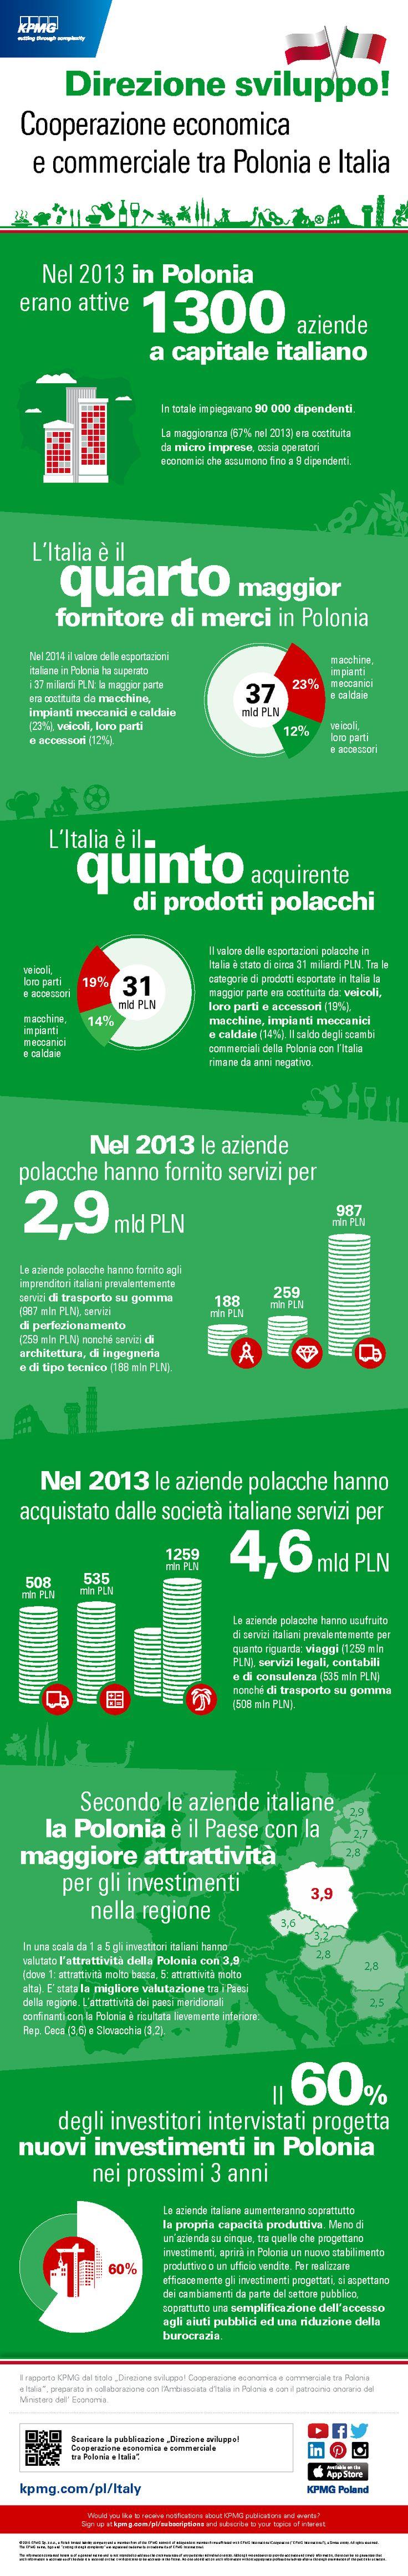 'Direzione sviluppo! Cooperazione economica e commerciale tra Polonia e Italia' #Italia #Investimenti #KPMG #infographic #infografika